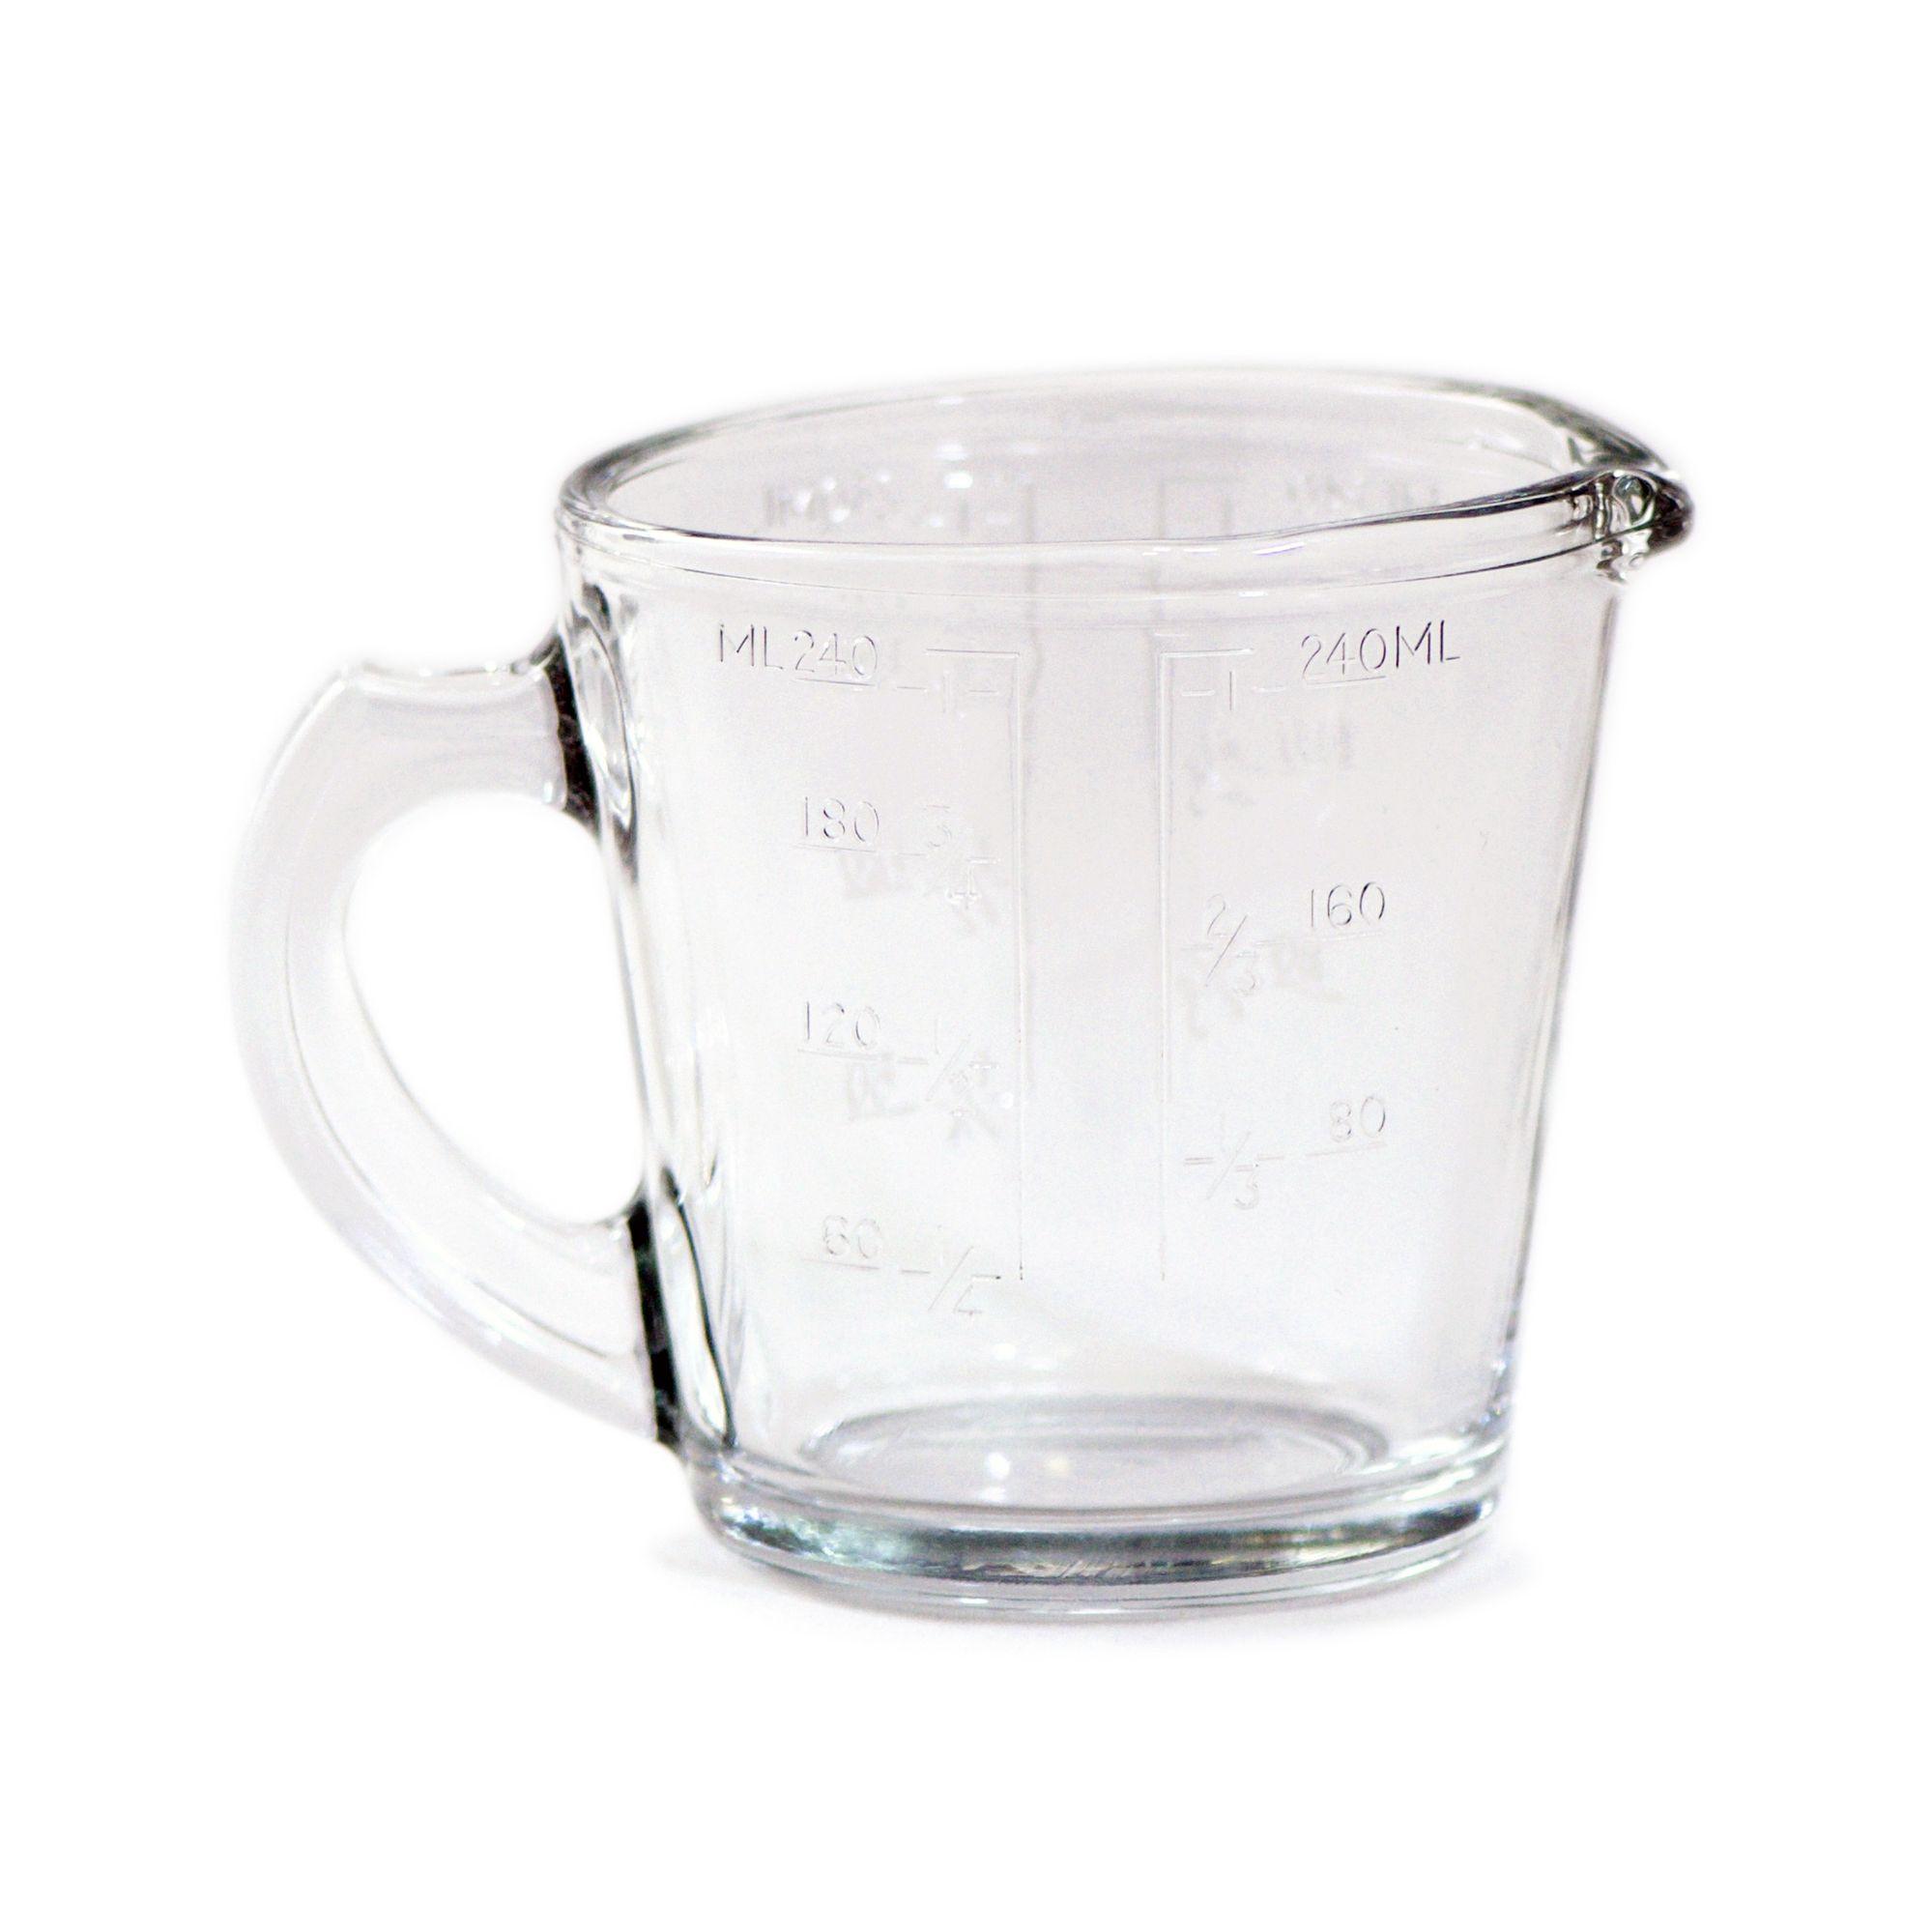 Jarra medidora de vidro 240 ml - Bormioli Rocco